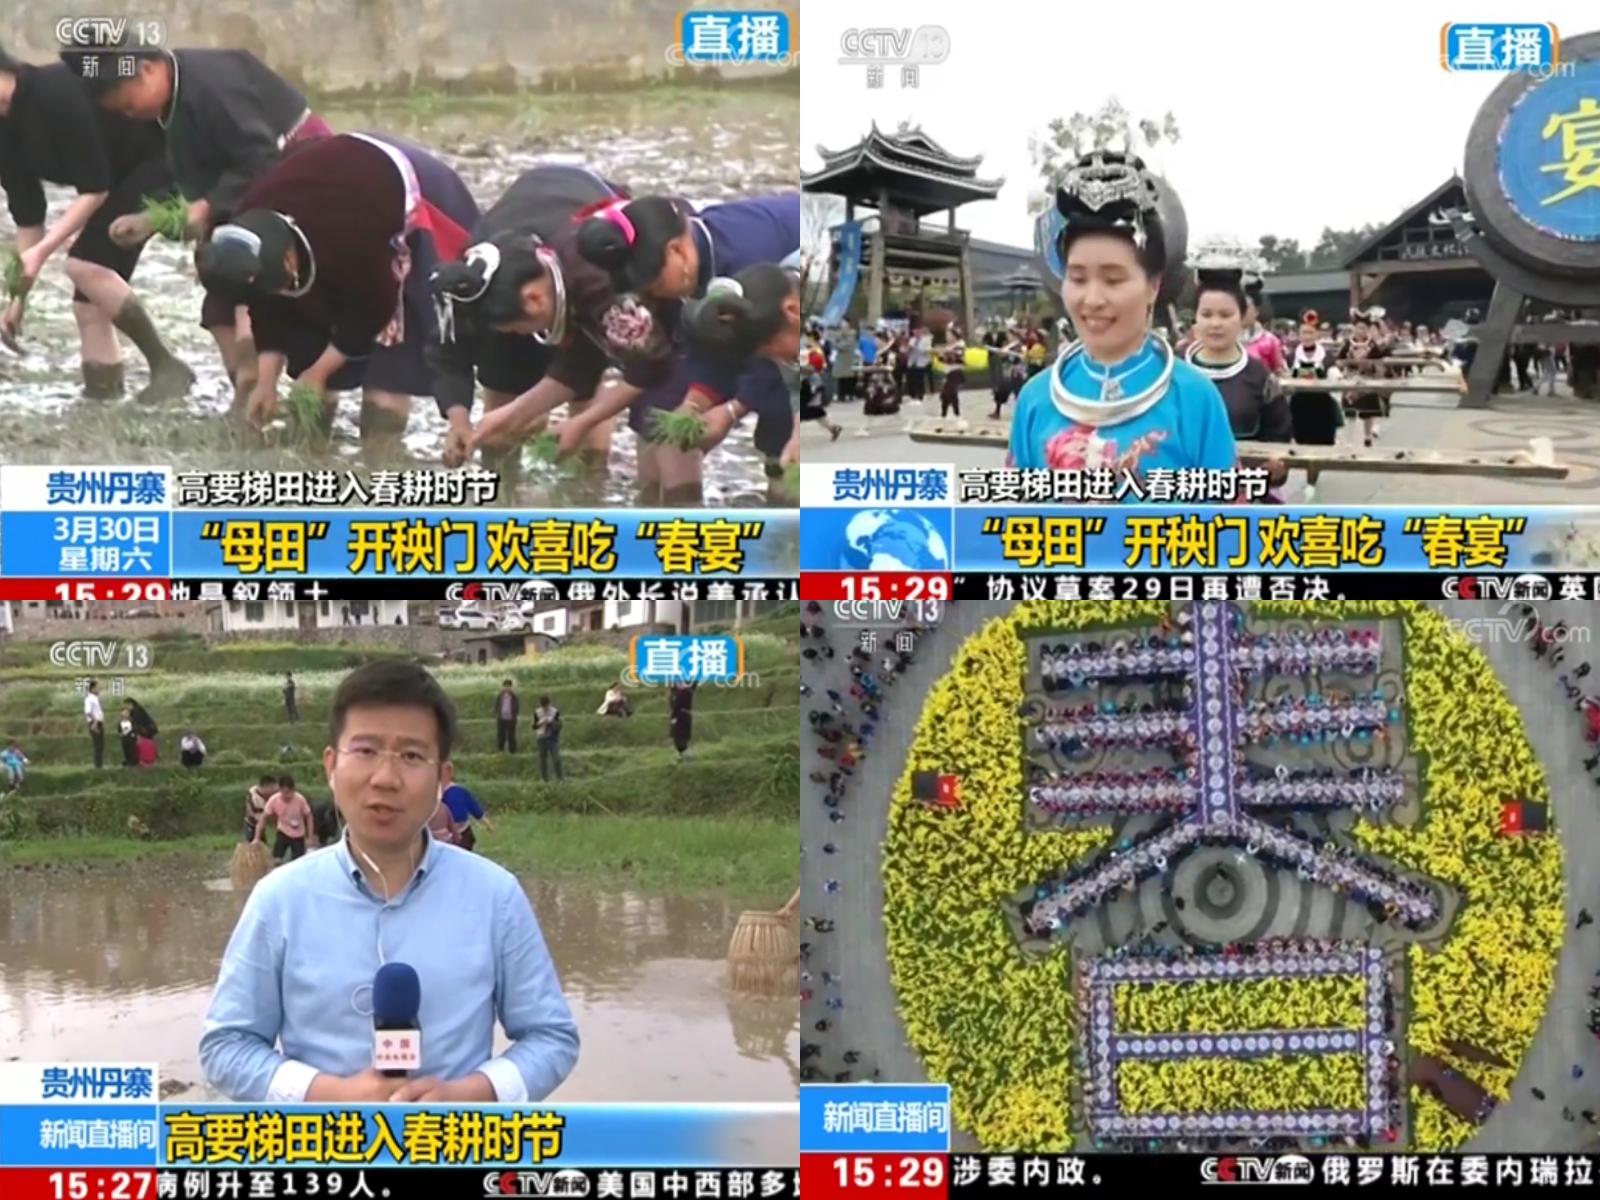 【CCTV】央視新聞頻道連線直播丹寨春耕大典